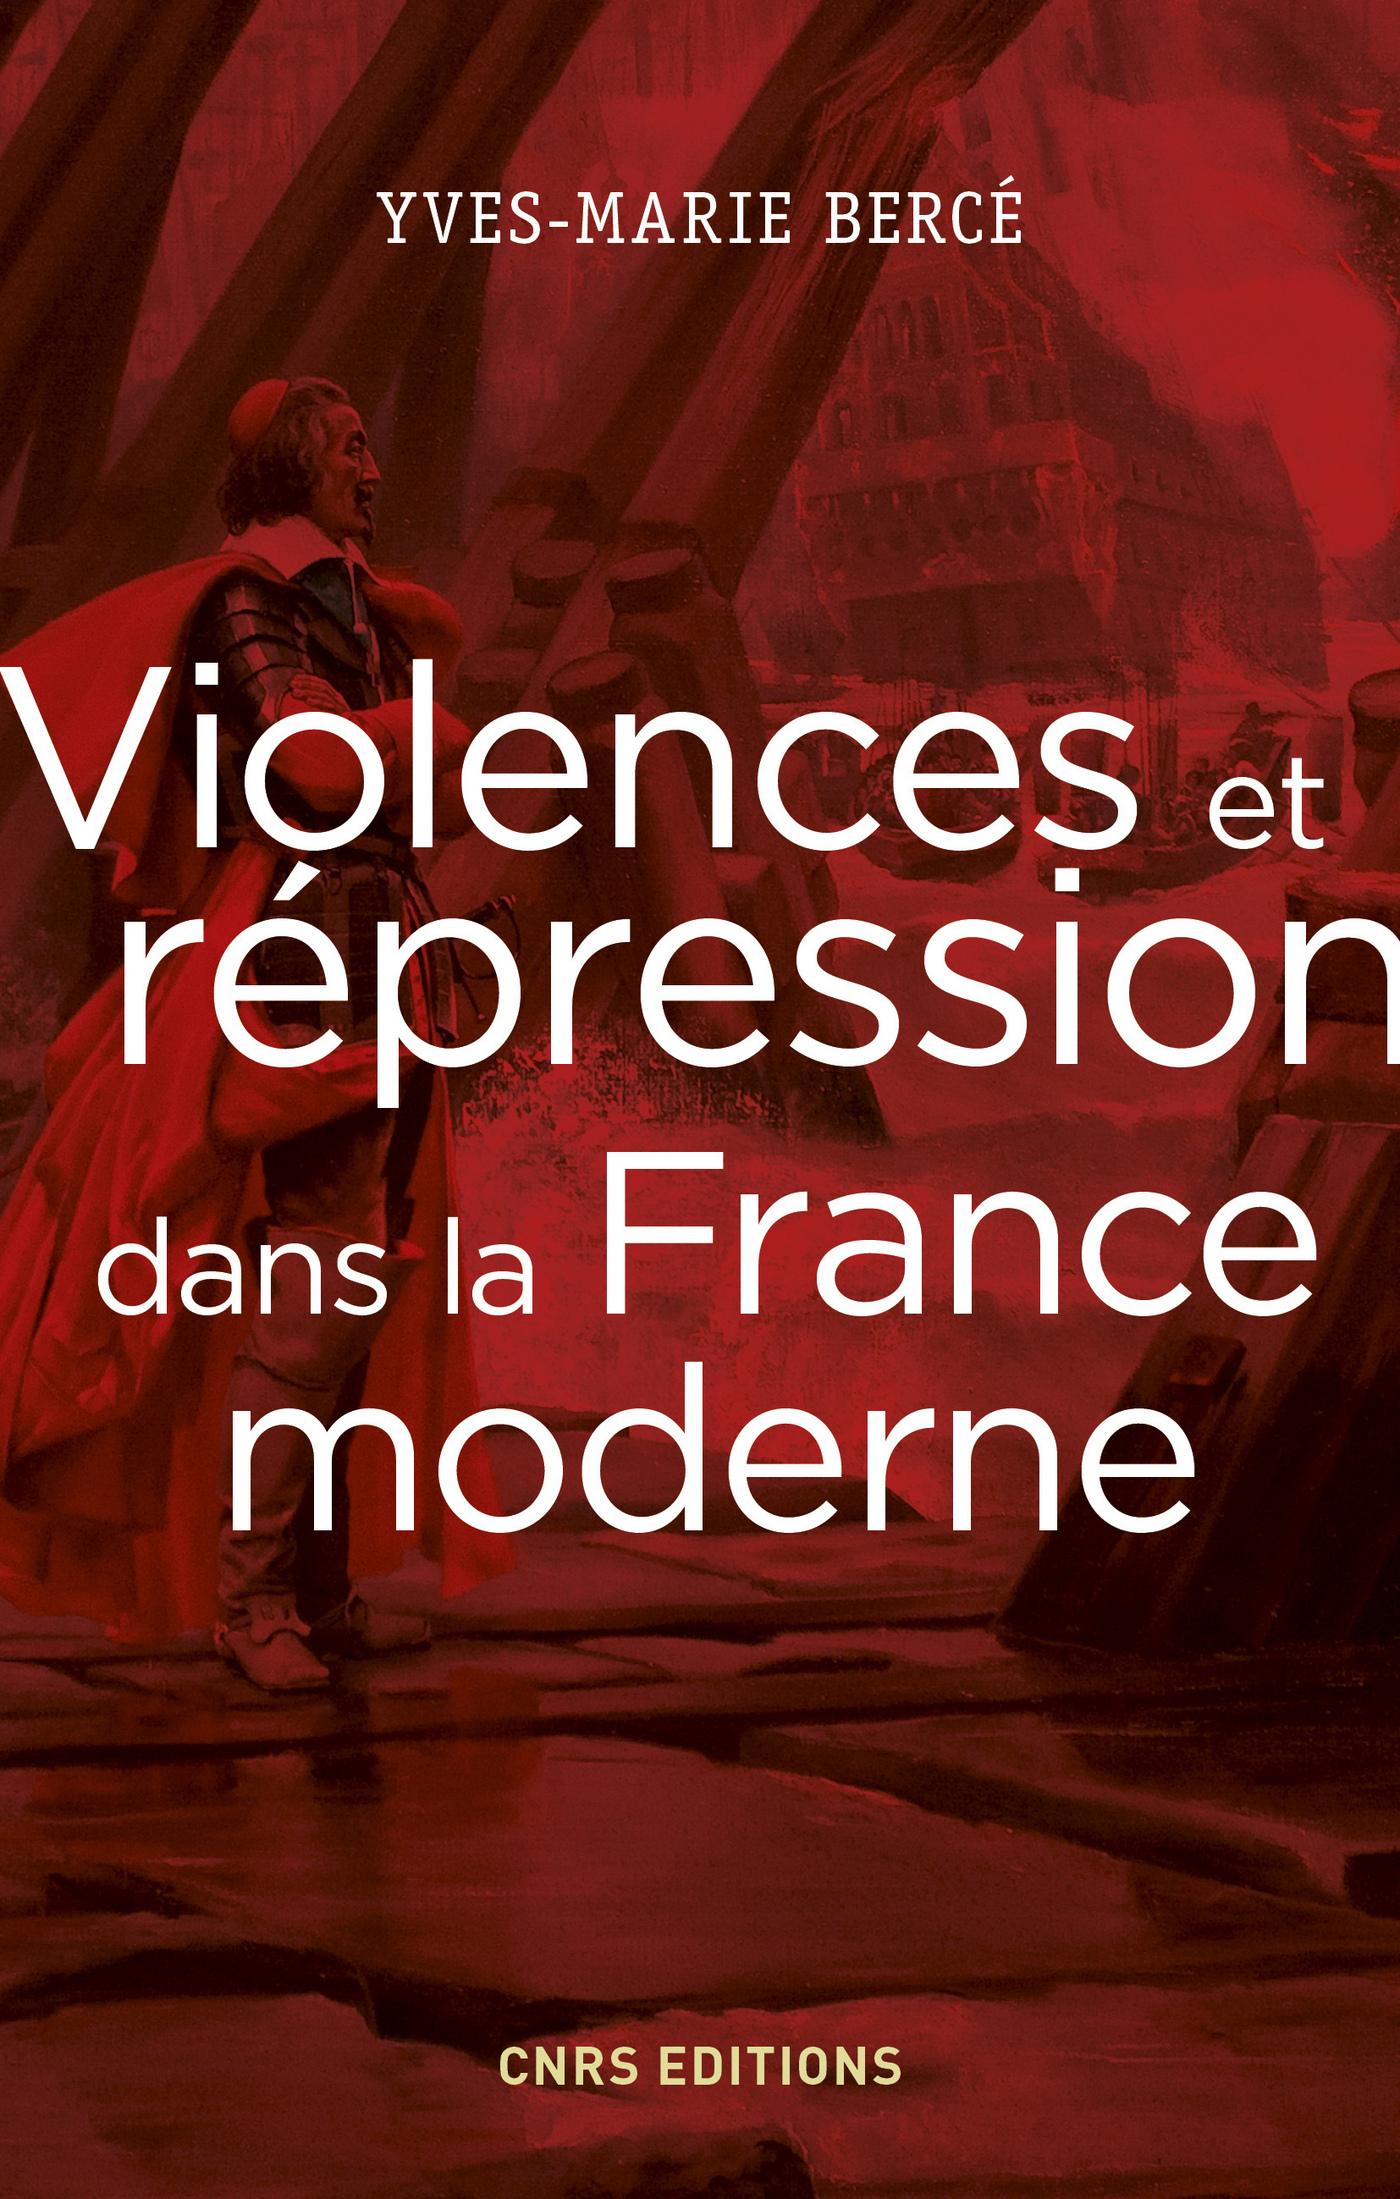 Violences et répression dans la France moderne